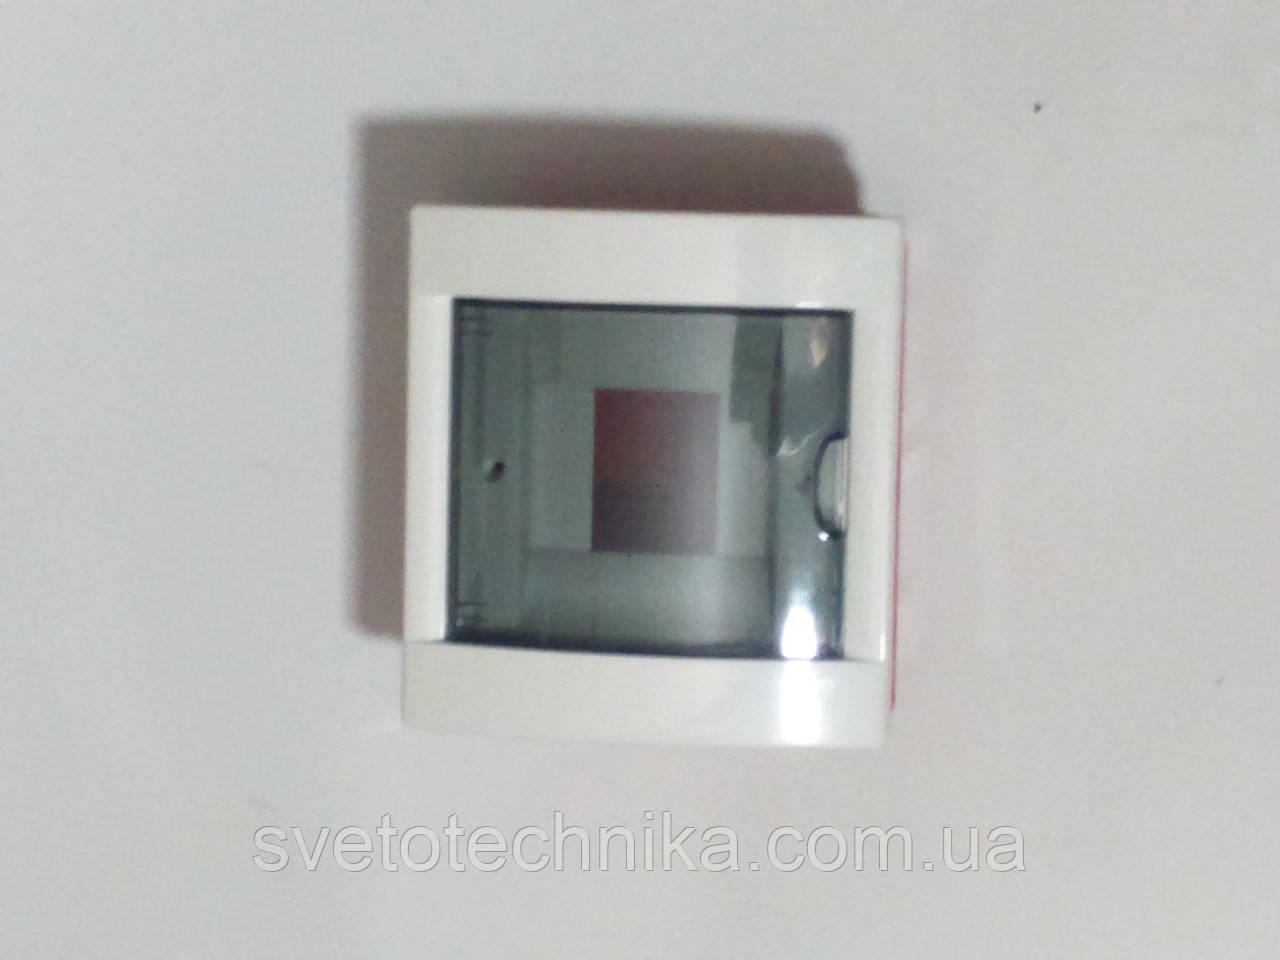 Коробка Vi-Ko Lotus для 6 автоматов (открытая установка)